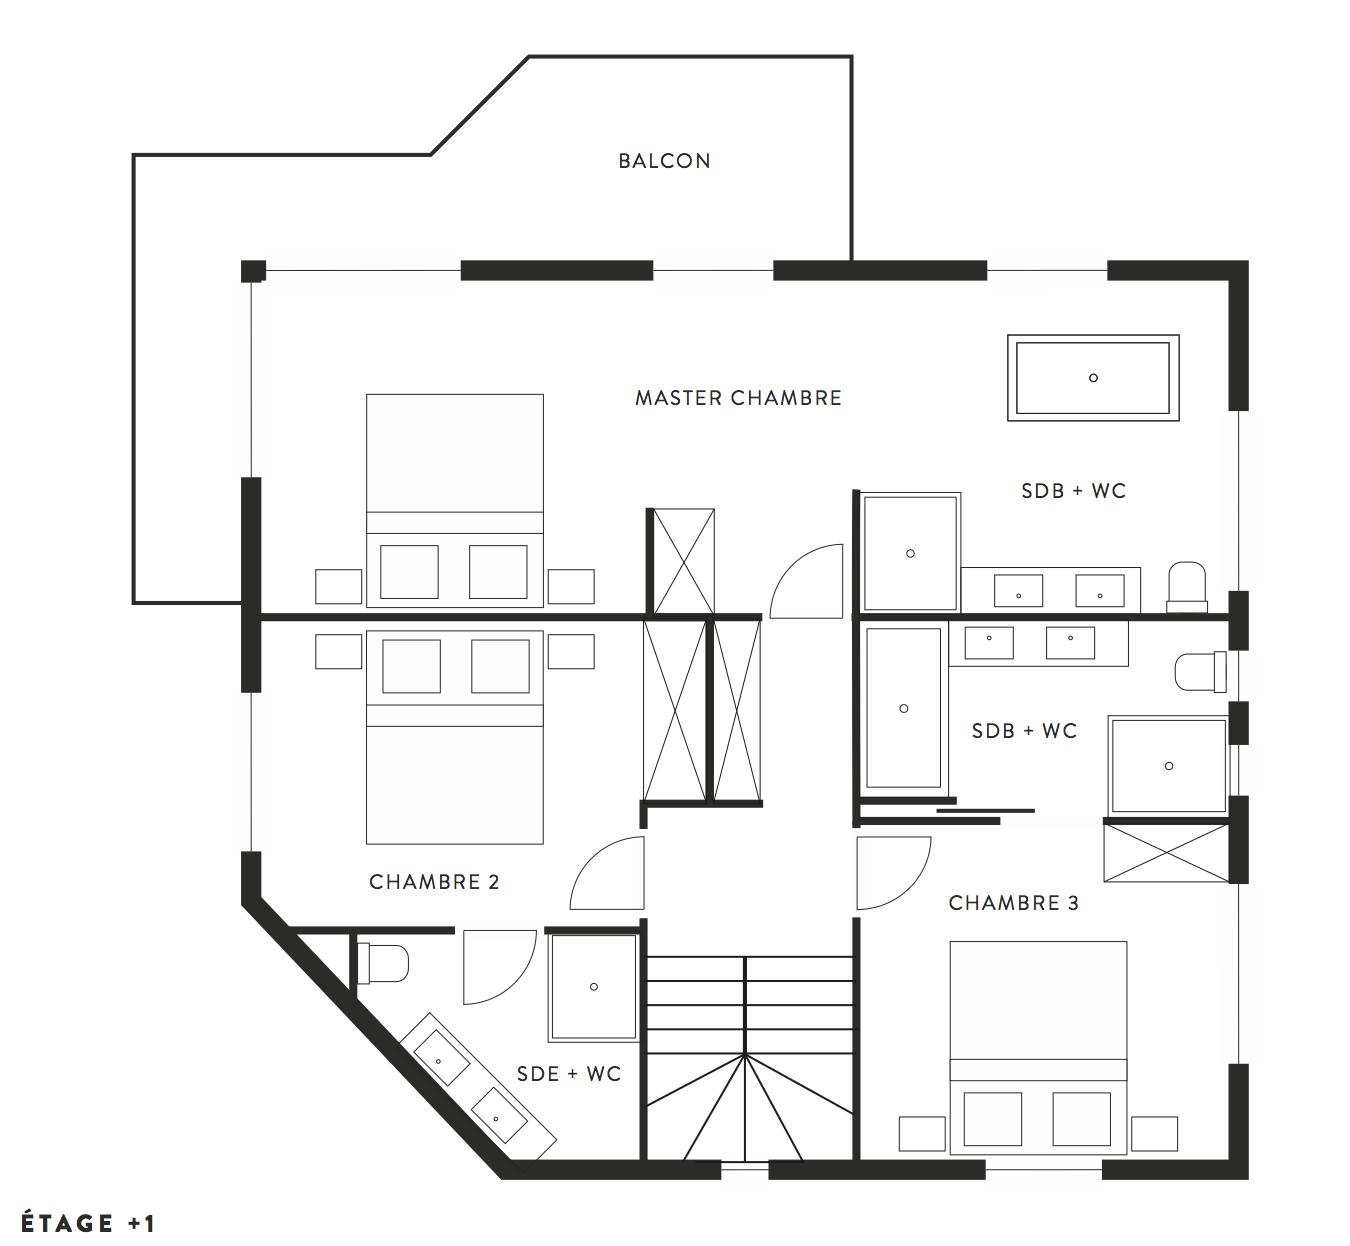 etage1-montanum-bumper-immobilier-chalet-courchevel.png